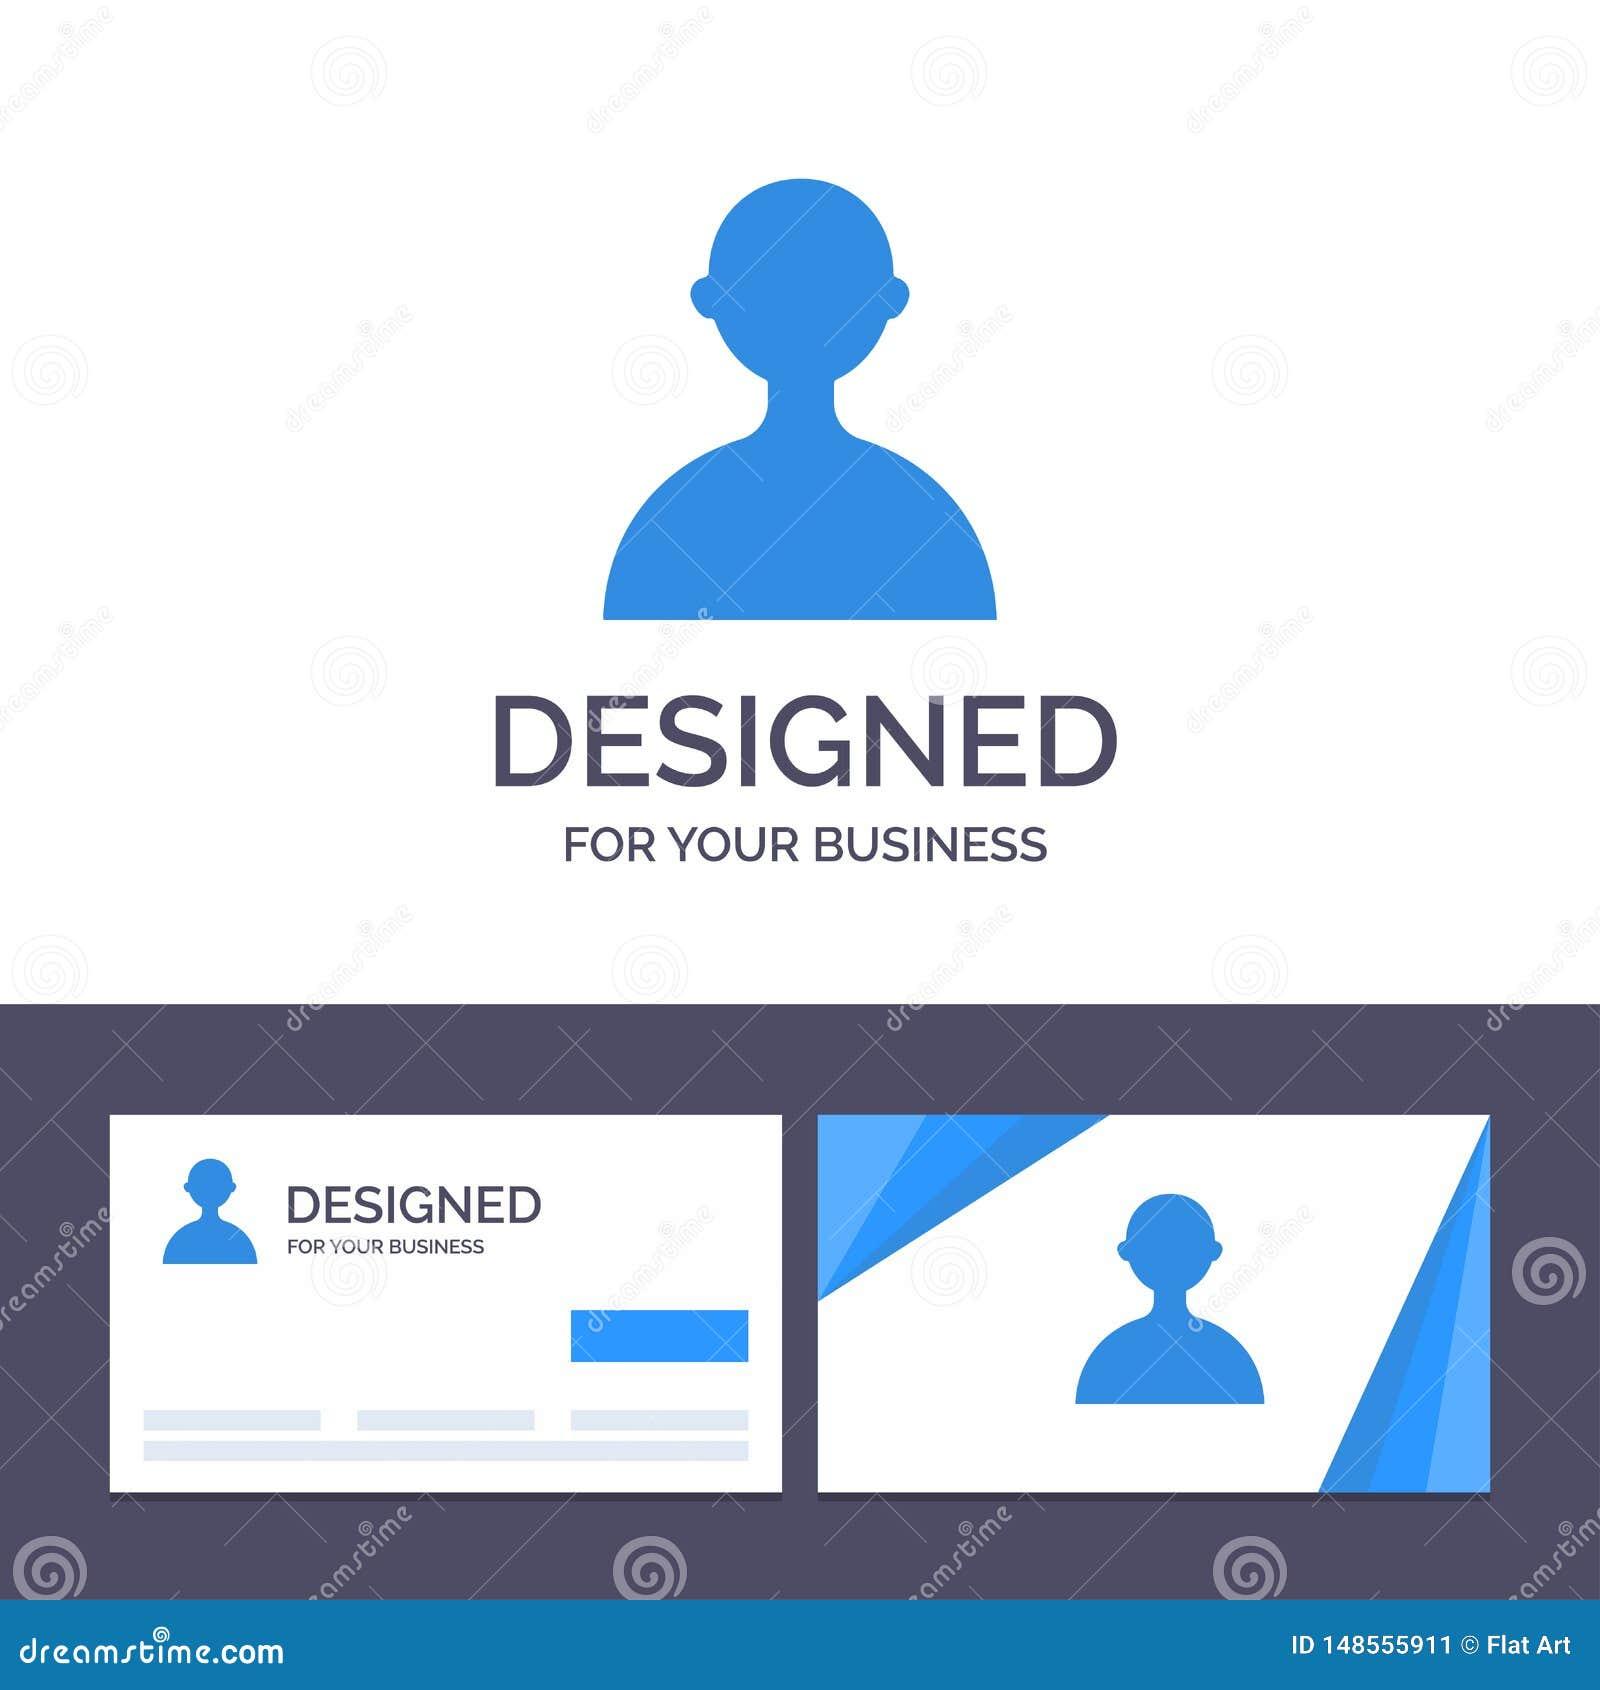 Δημιουργικό είδωλο προτύπων επαγγελματικών καρτών και λογότυπων, χρήστης, βασική διανυσματική απεικόνιση